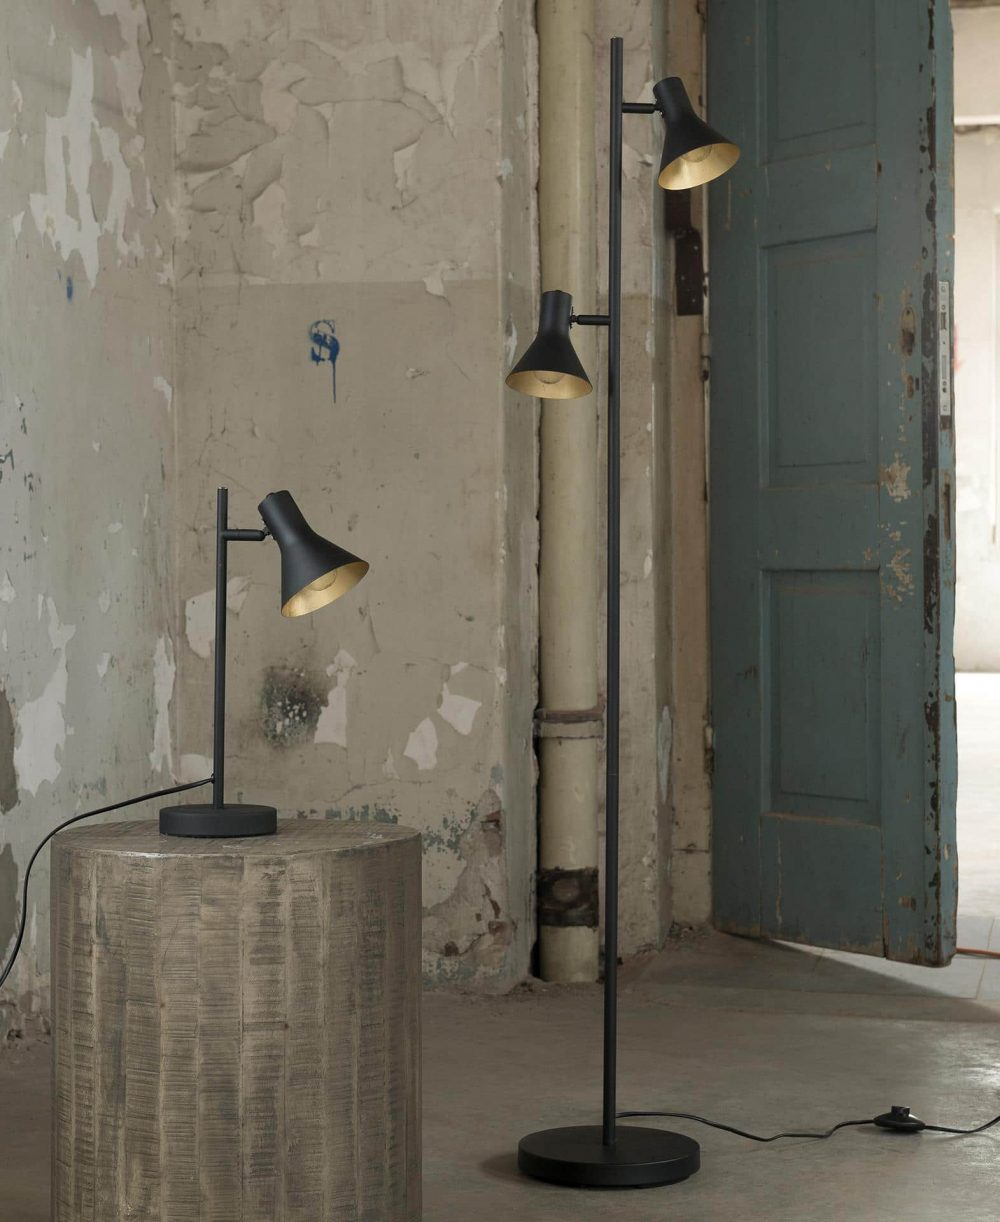 mat zwart lampen